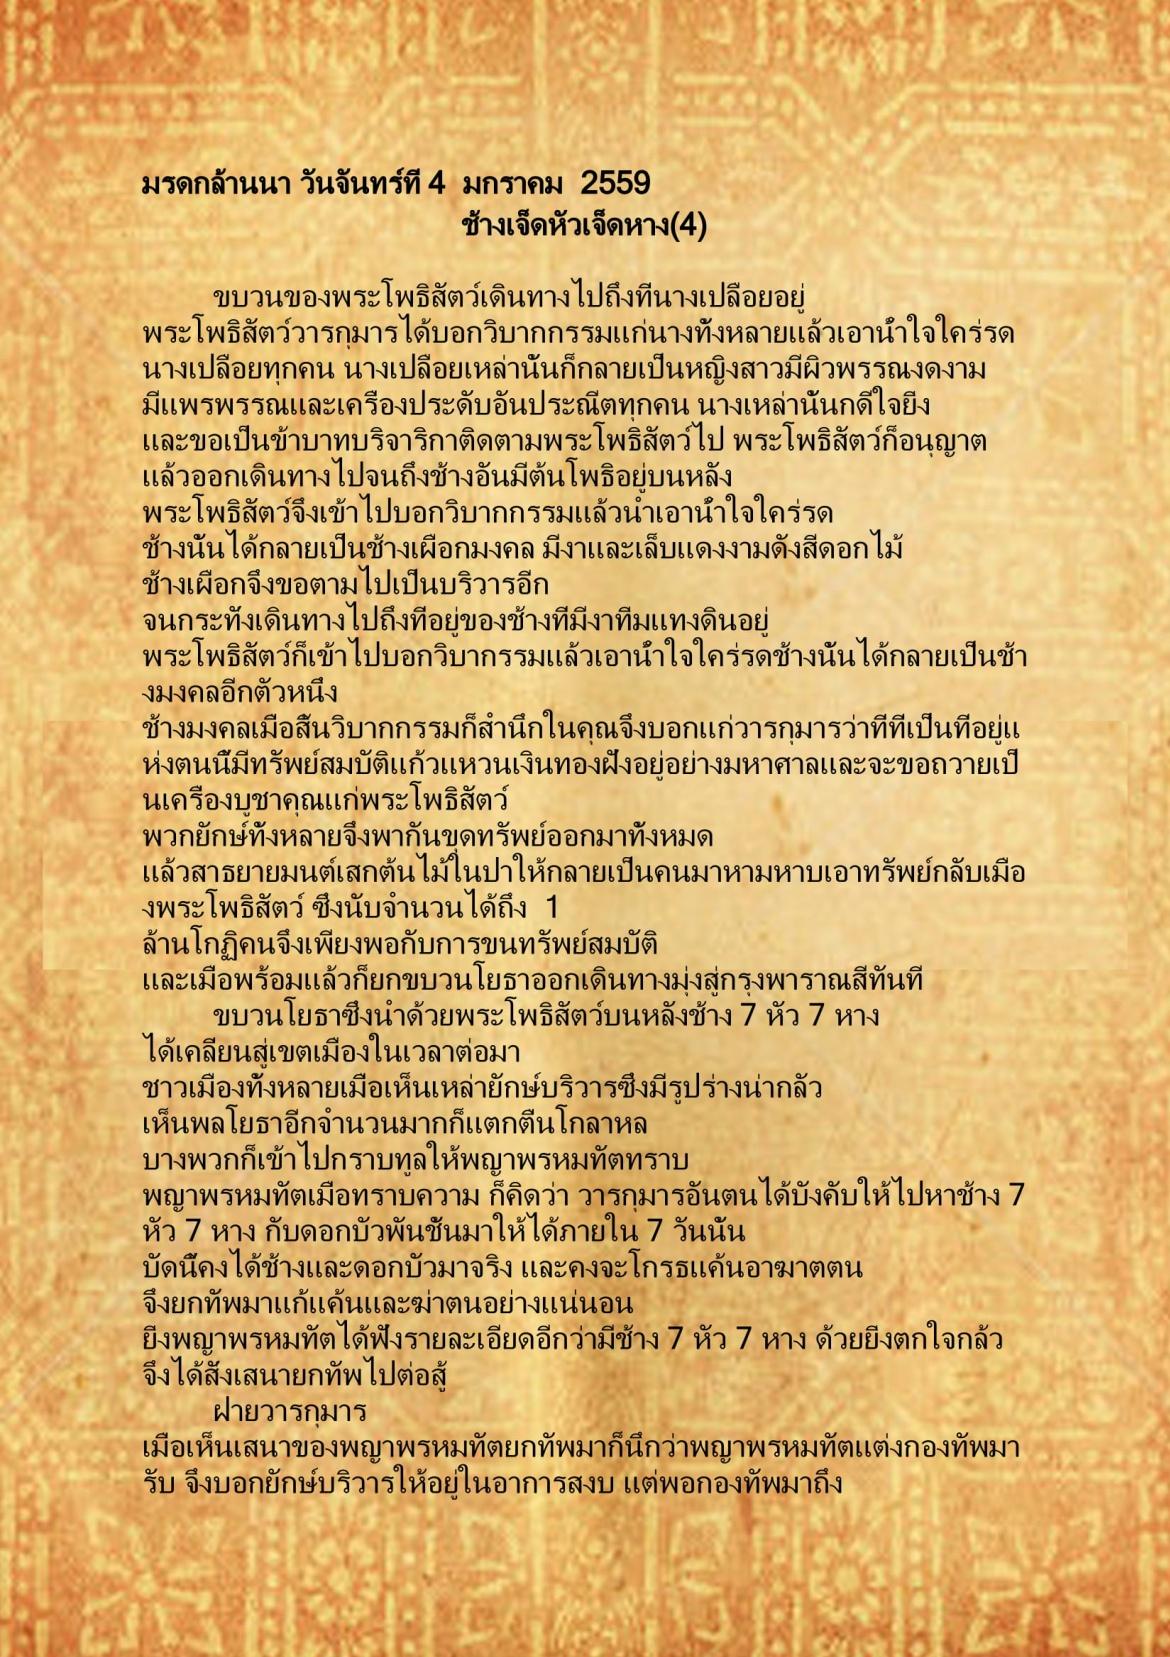 ช้างเจ็ดหัวเจ้ดหาง (4) - 4 มกราคม 2559